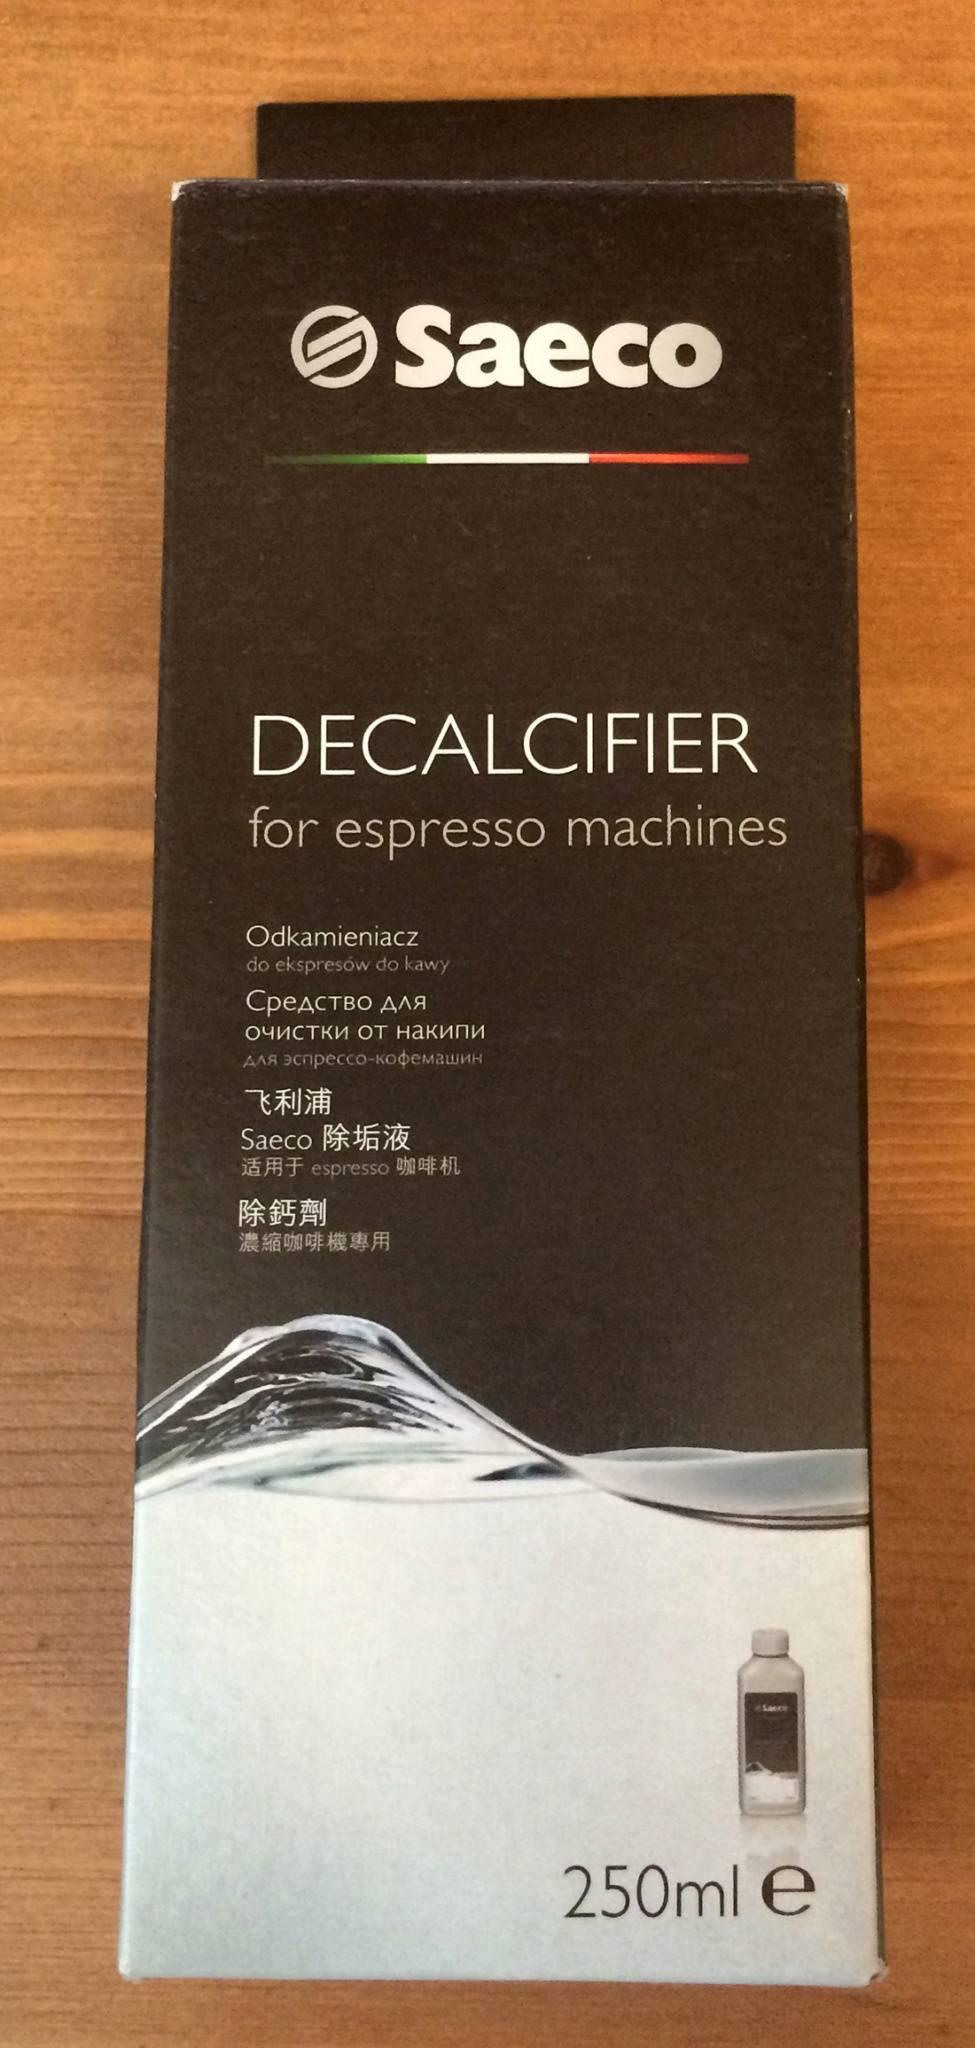 Средства от накипи для кофемашины: обзор лучших средств